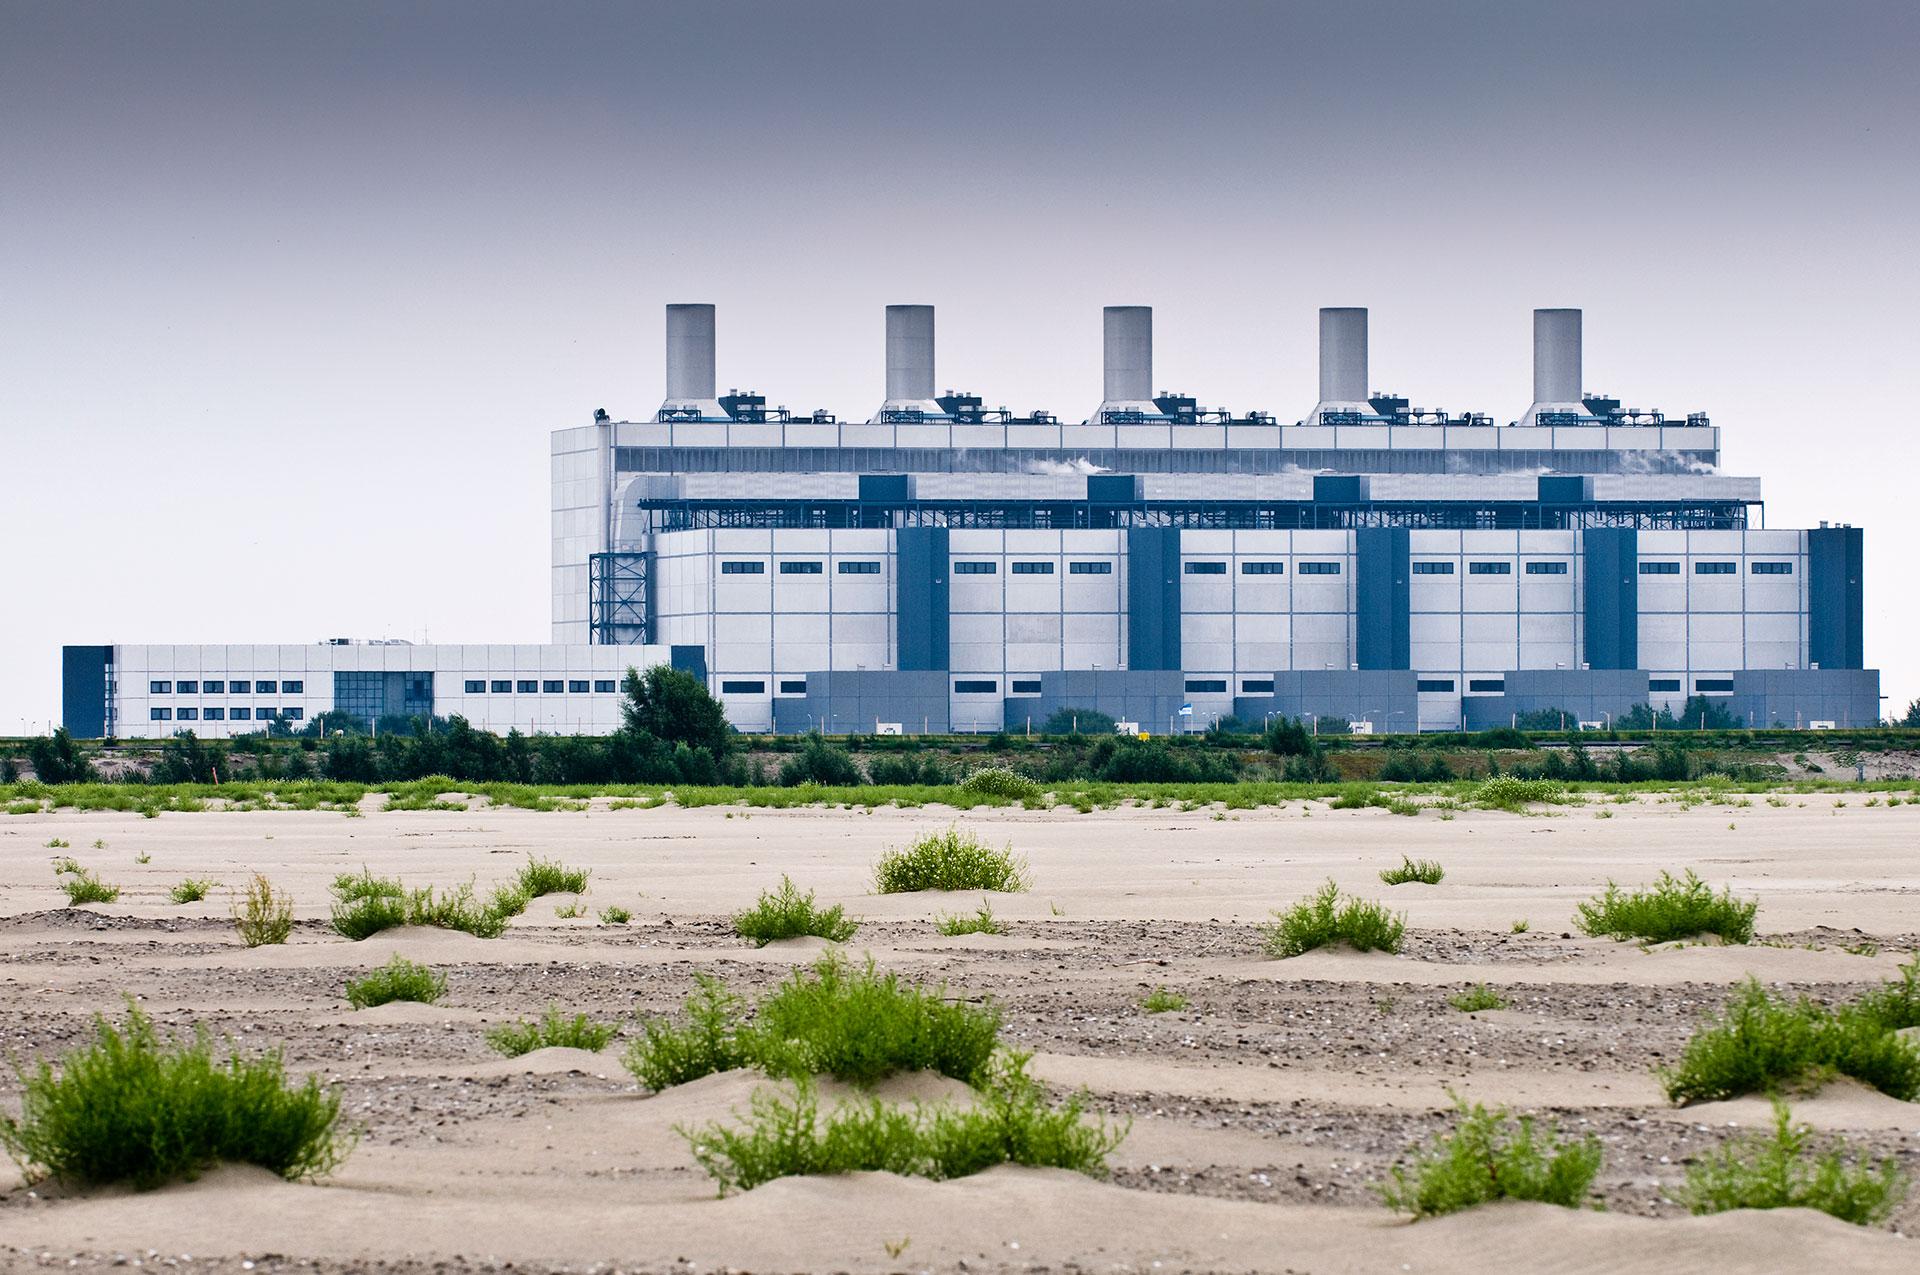 Das Kohlekraftwerk des Betreiberkonzerns RWE steht an der Emsmündung zur Nordsee